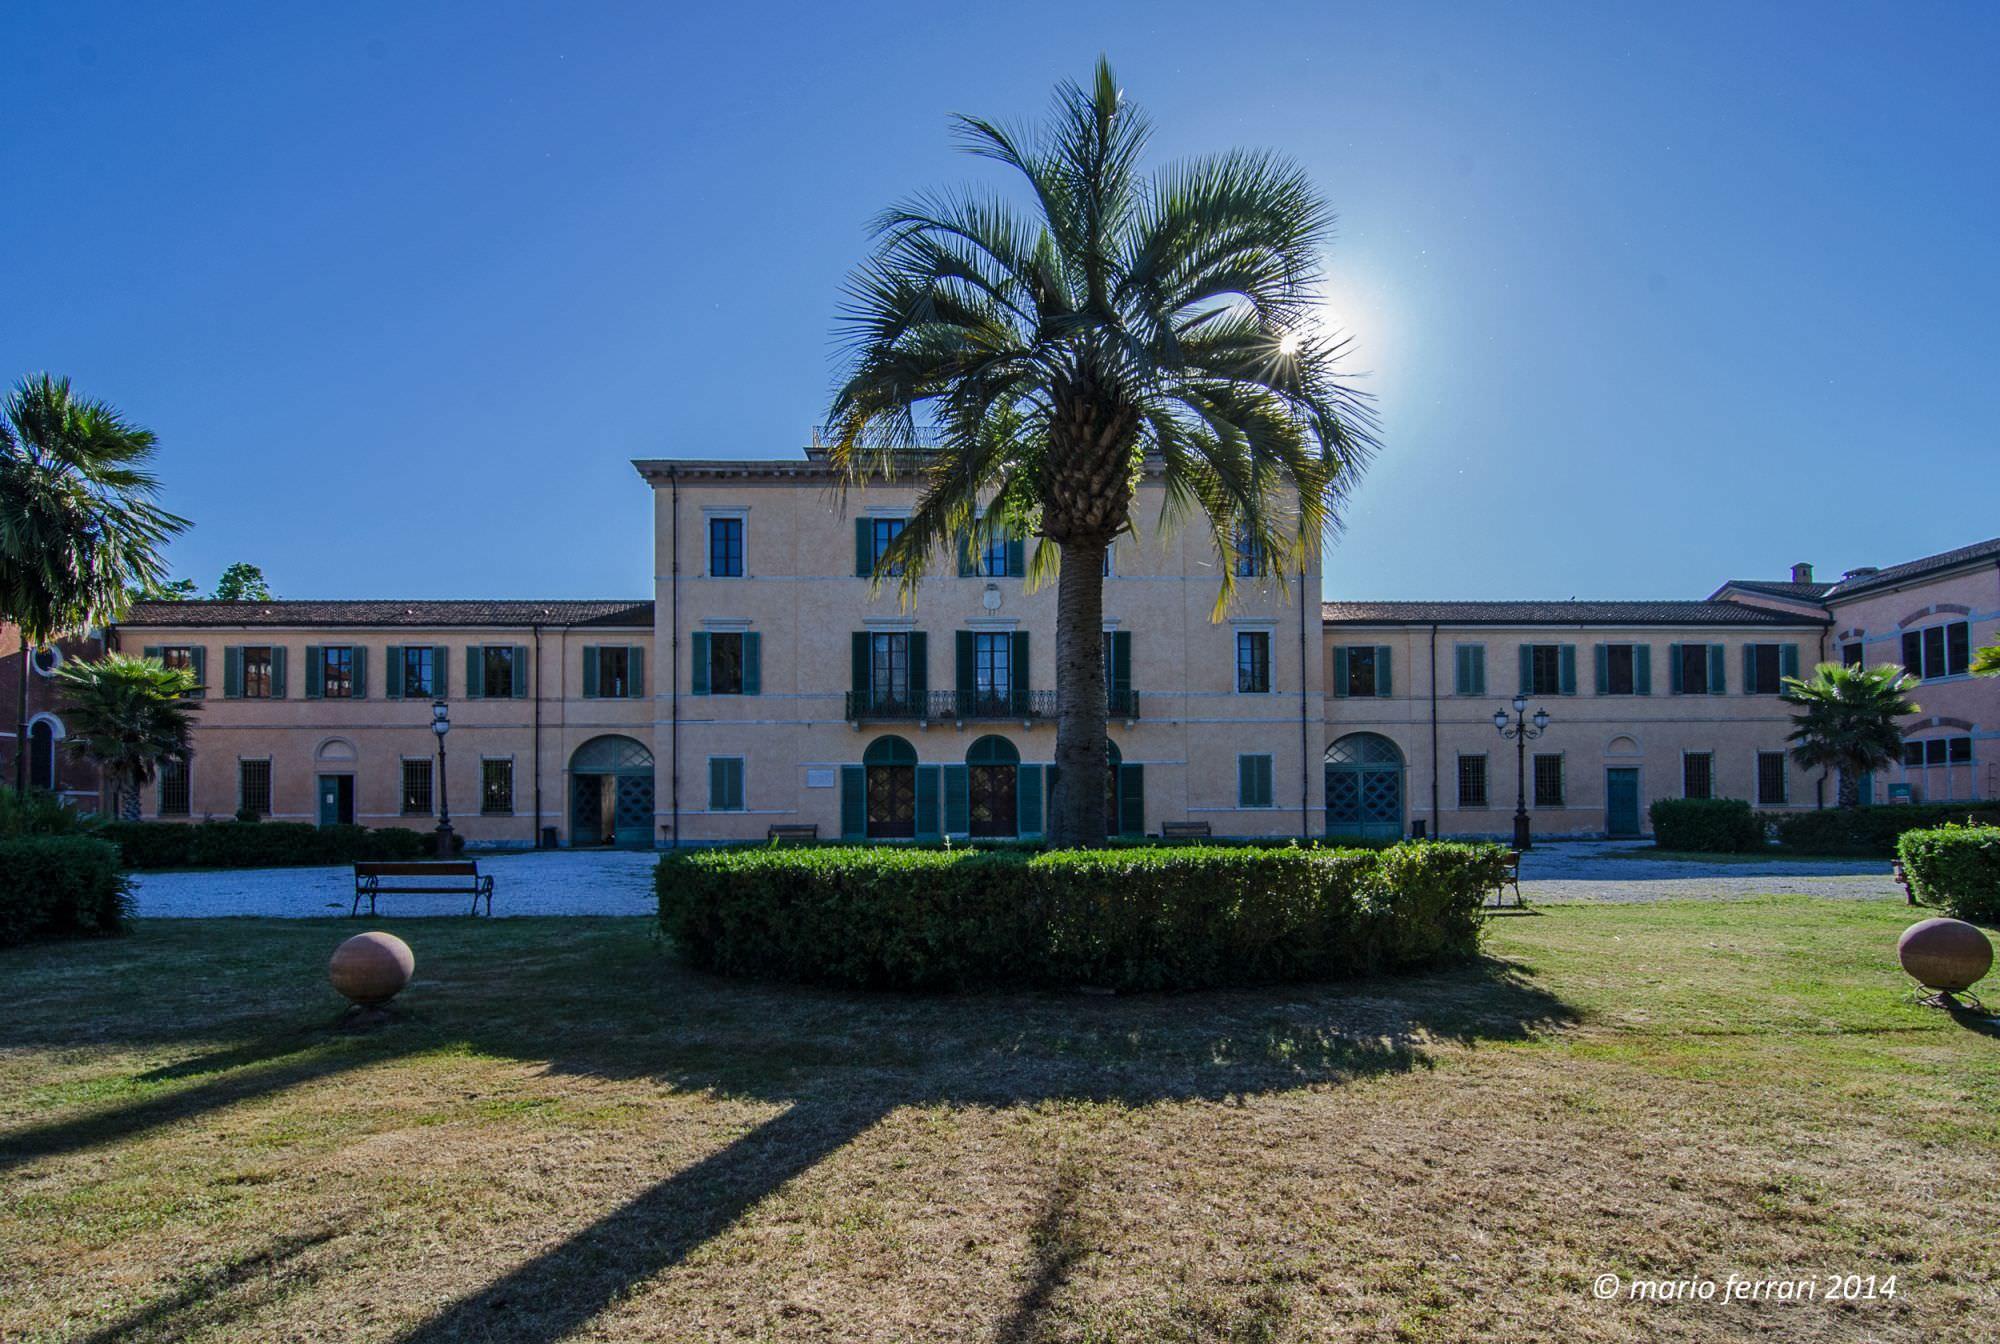 A Villa Borbone il centro studi per le ricerche su arte, storia, cultura e scienze